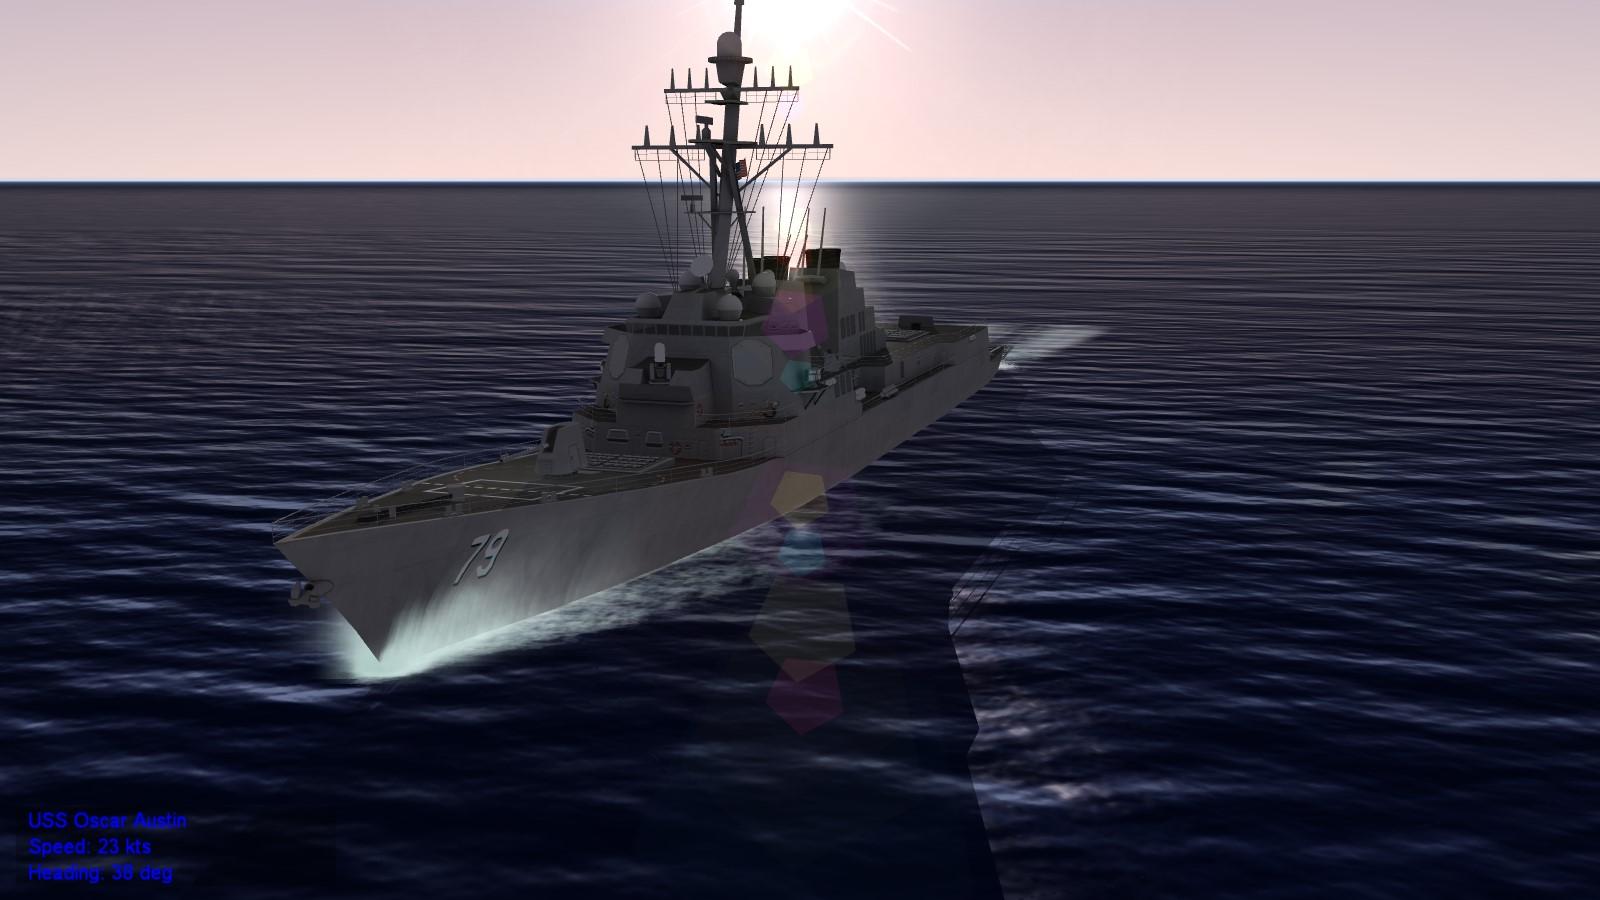 DDG-79 Arleigh Burke class Aegis destroyer (Flight IIA)